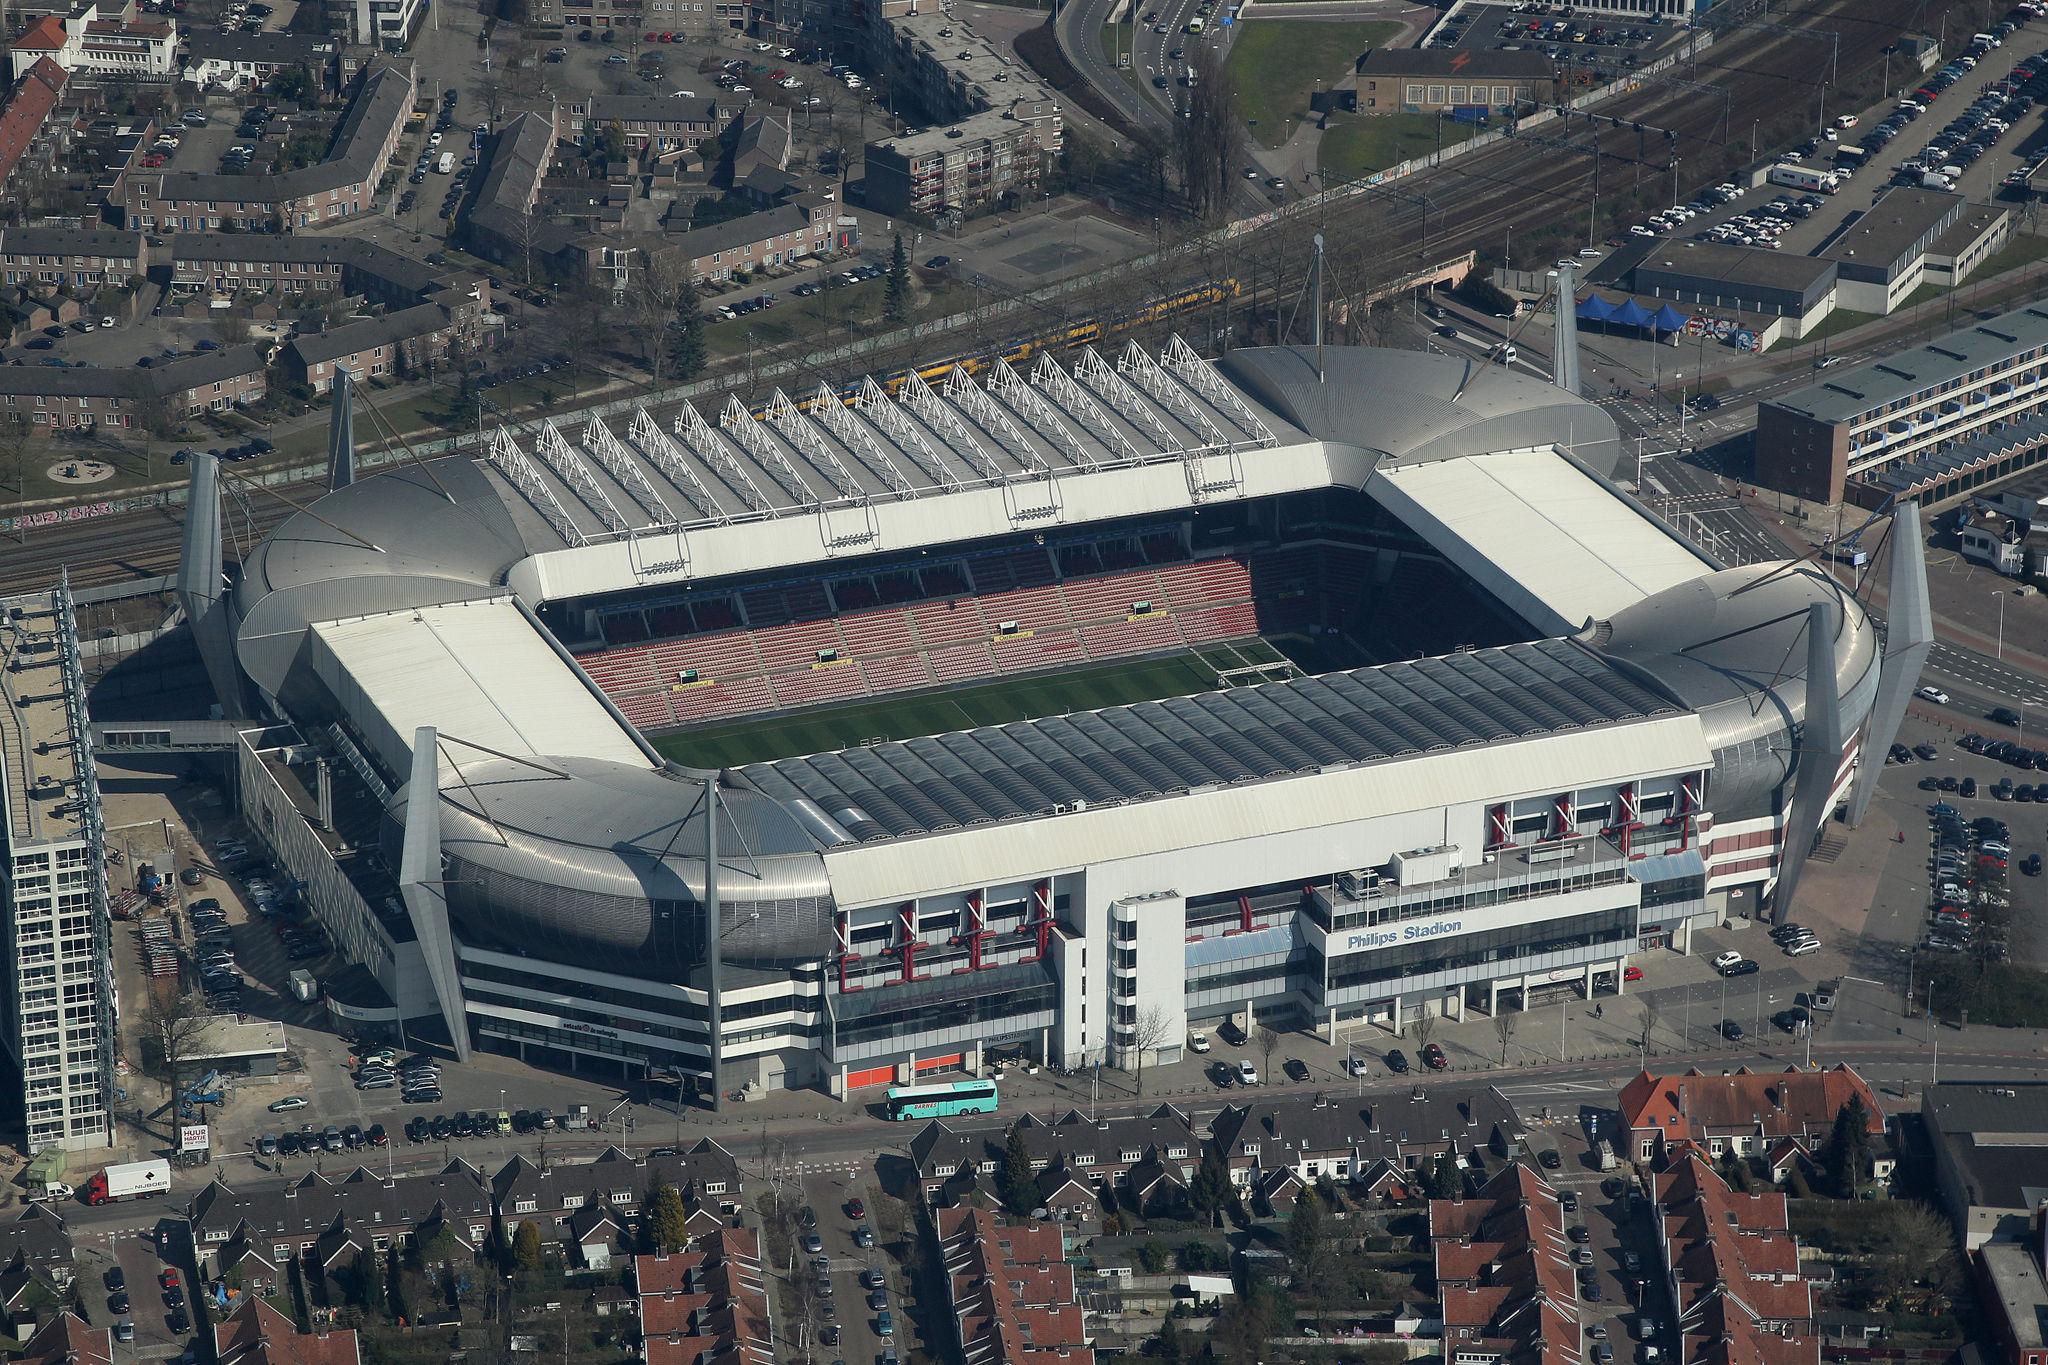 ¿Quién juega en el Philips Stadion?